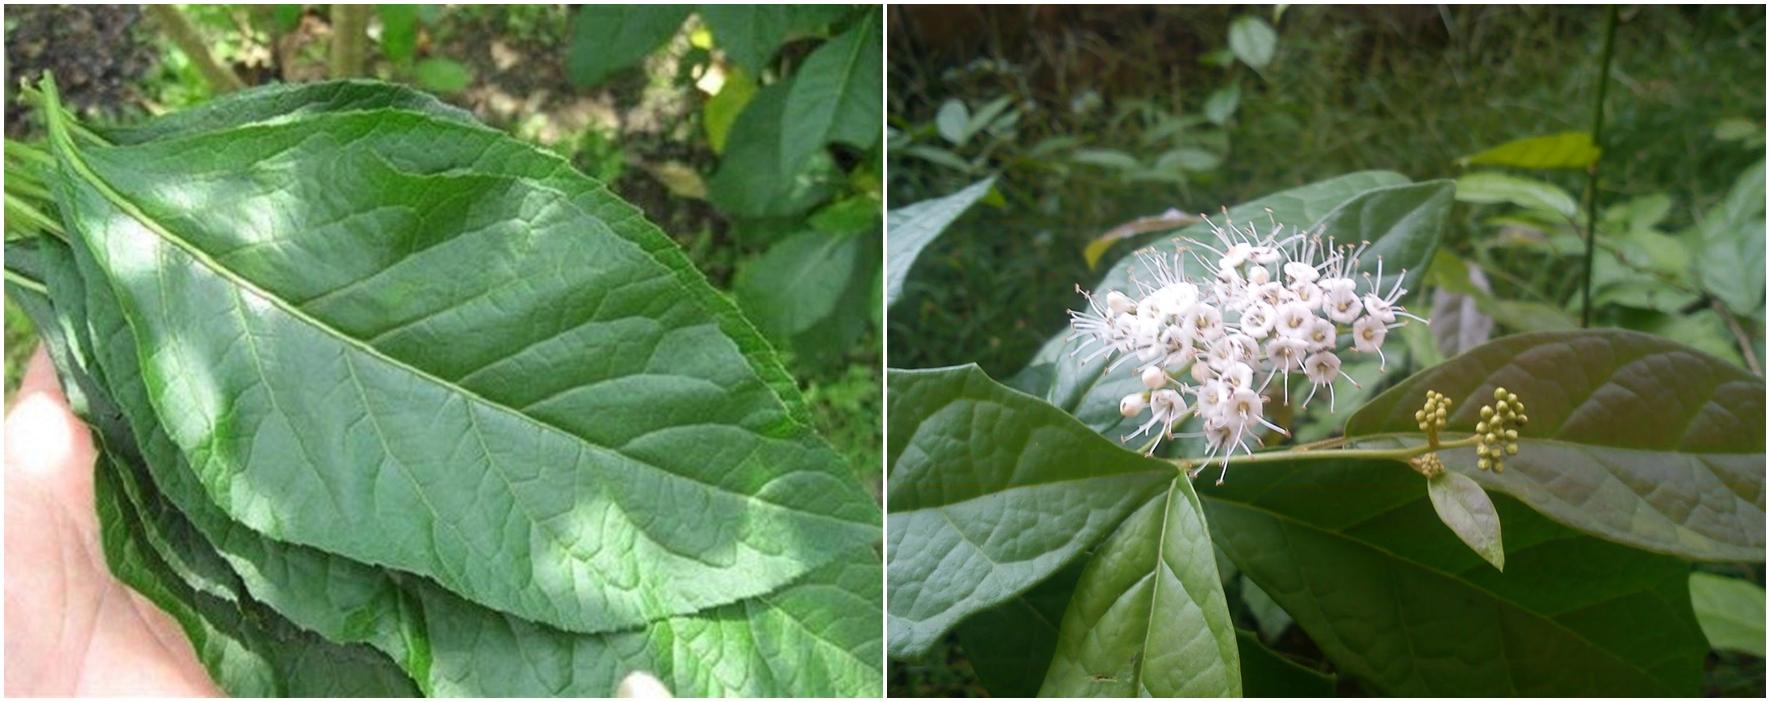 Lá và hoa cây sạ đen chữa ung thư